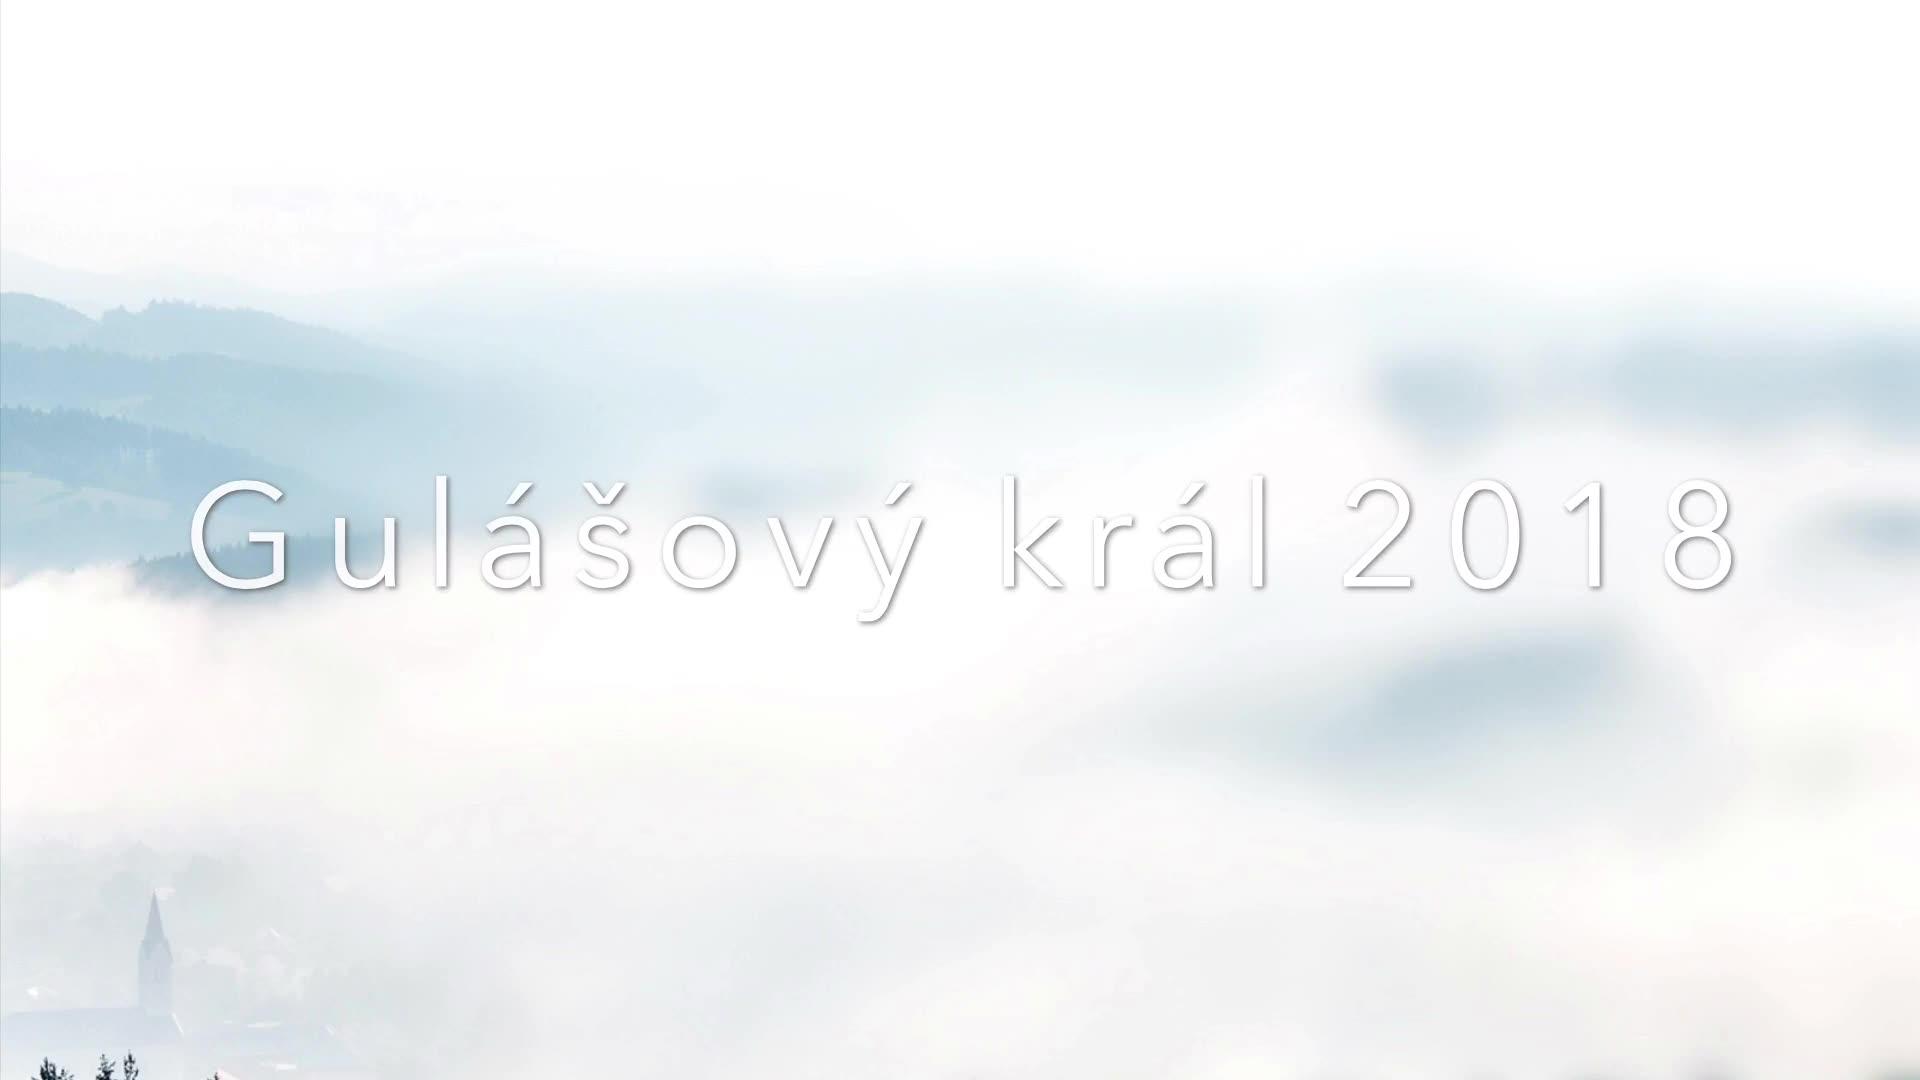 Gulášový král 2018